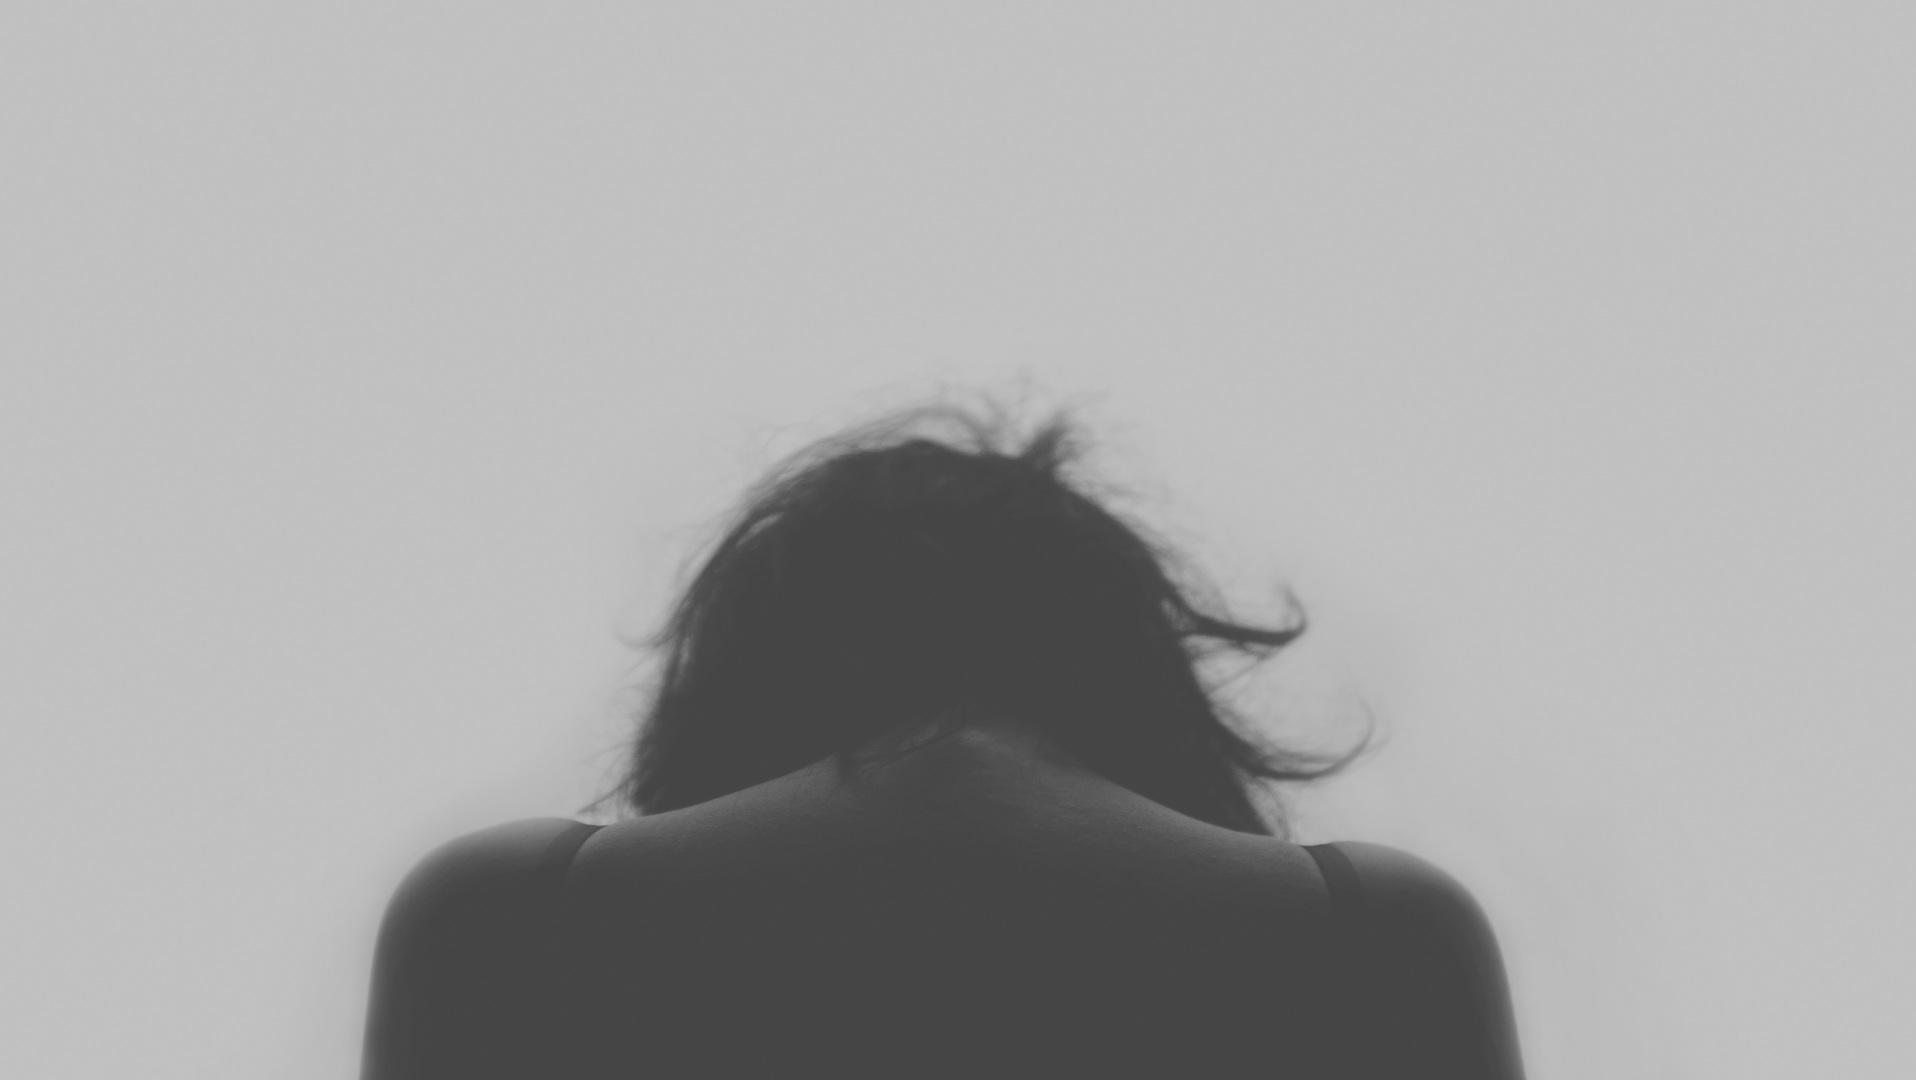 Teil 1: Die 4 Hauptgründe warum 99% aller Menschen körperliche oder seelische Schmerzen haben